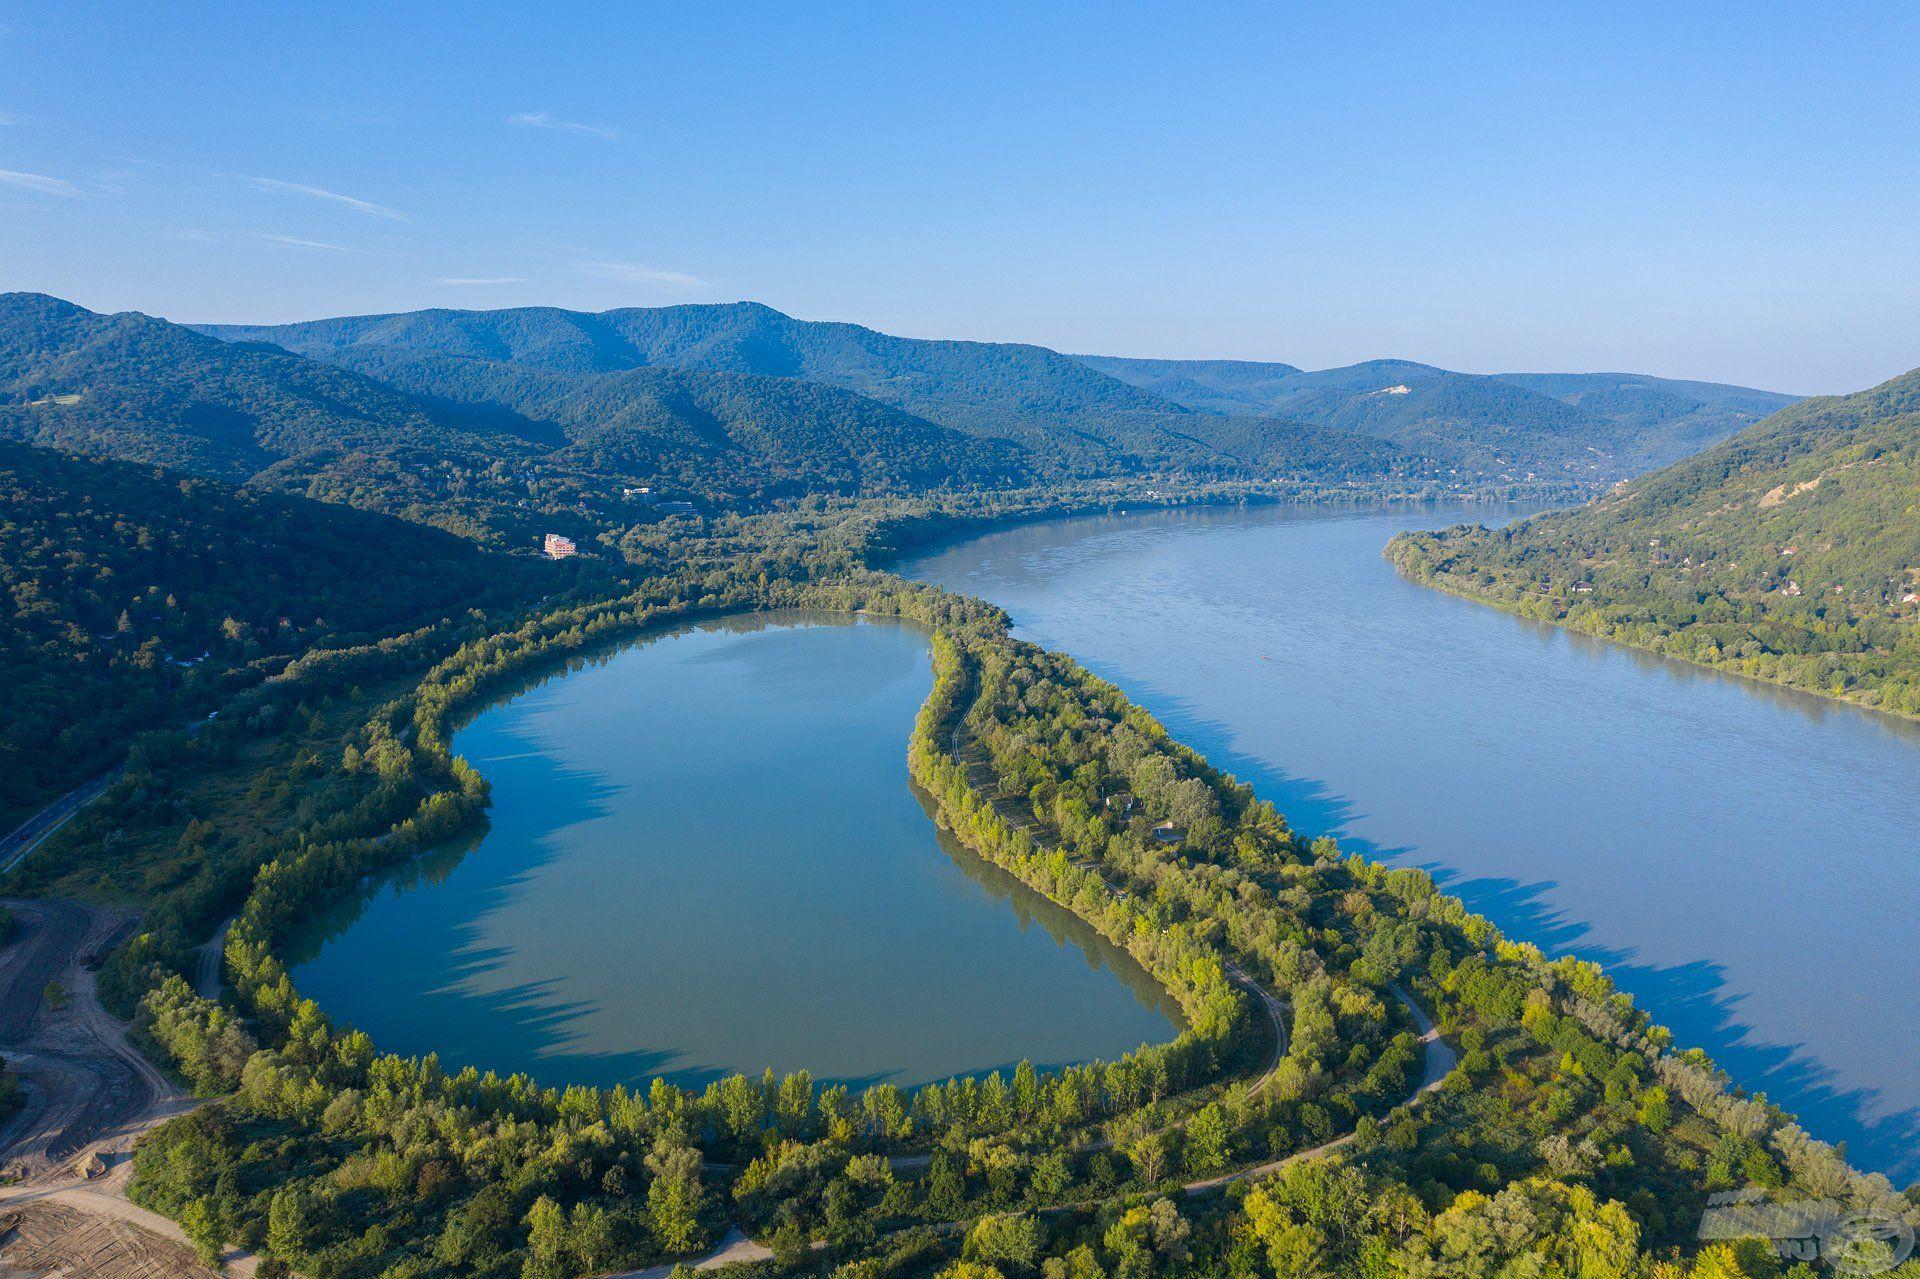 Természetes vizeinkben, így a Dunában is rengeteg busa él